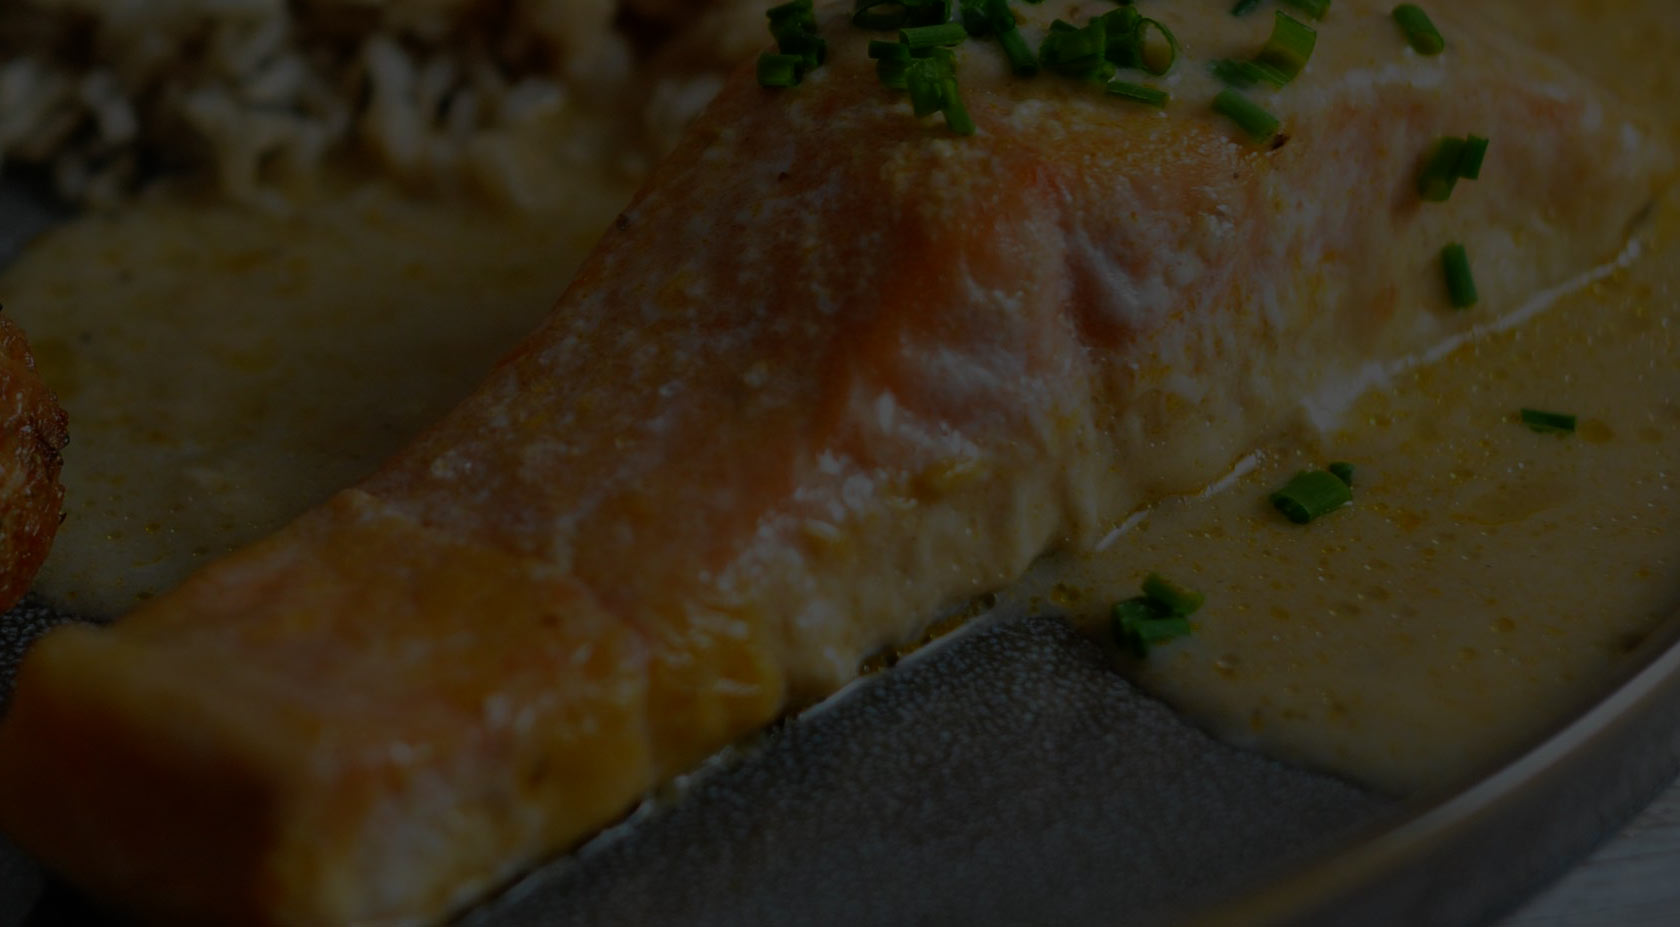 Måltidskasser fra Skagenfood giver gode fiskeoplevelser